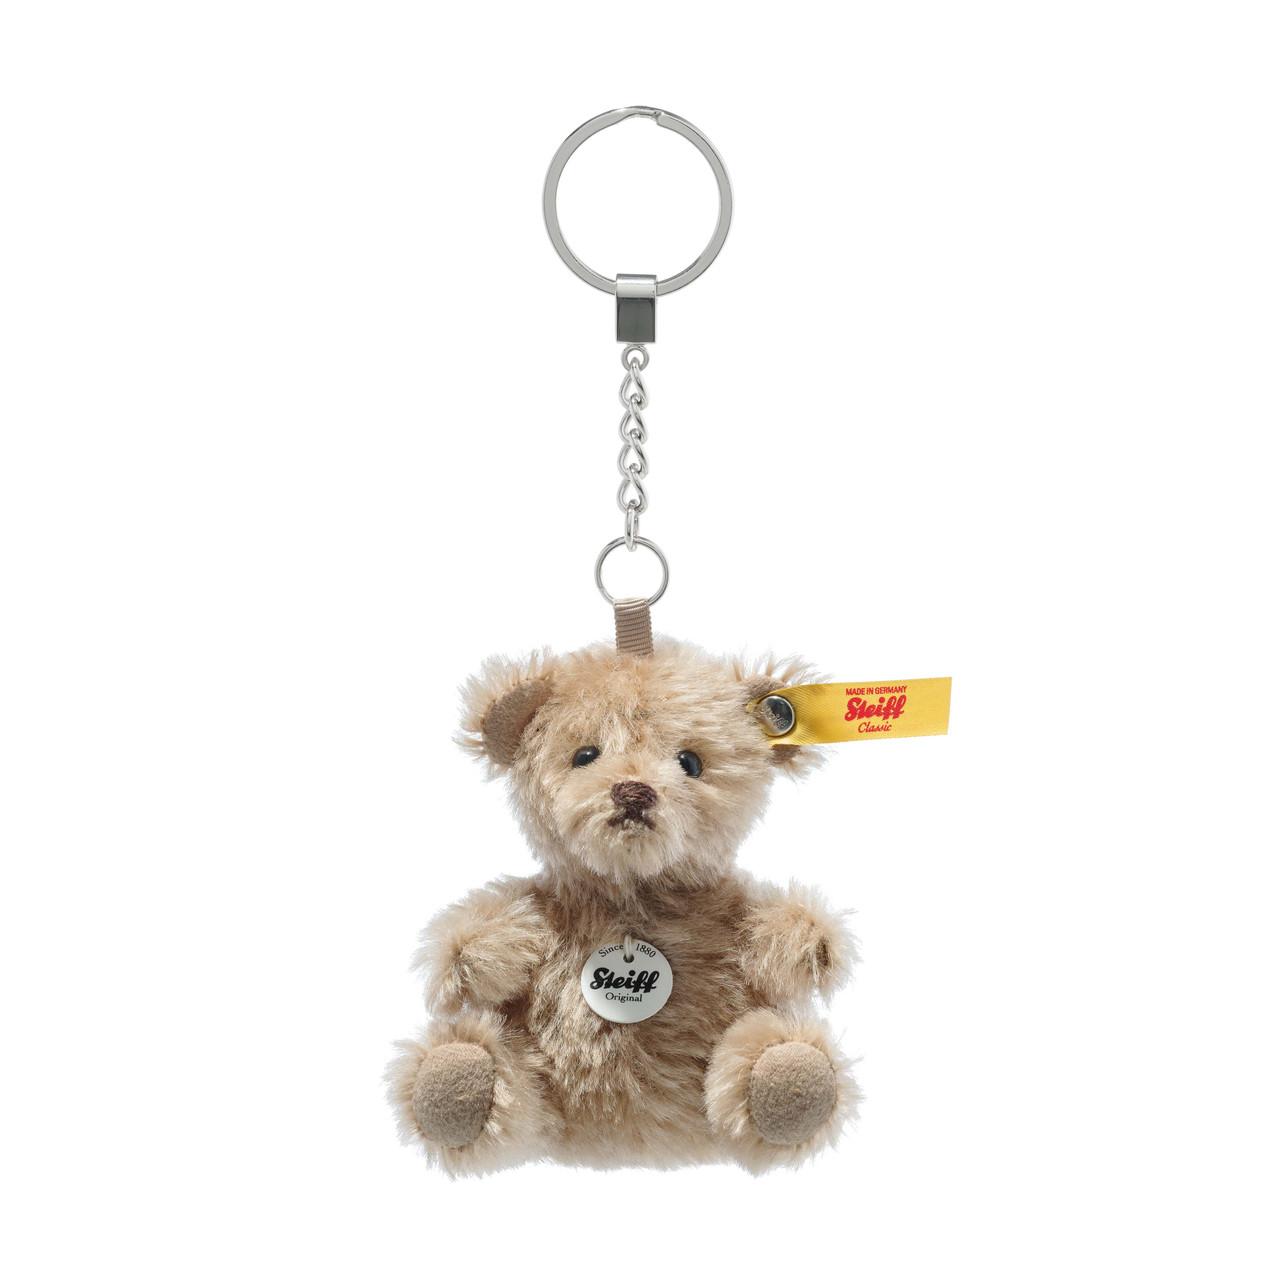 STEIFF x Hobonichi Limited Key Ring Strap key chain Teddy Bear Cafe au lait